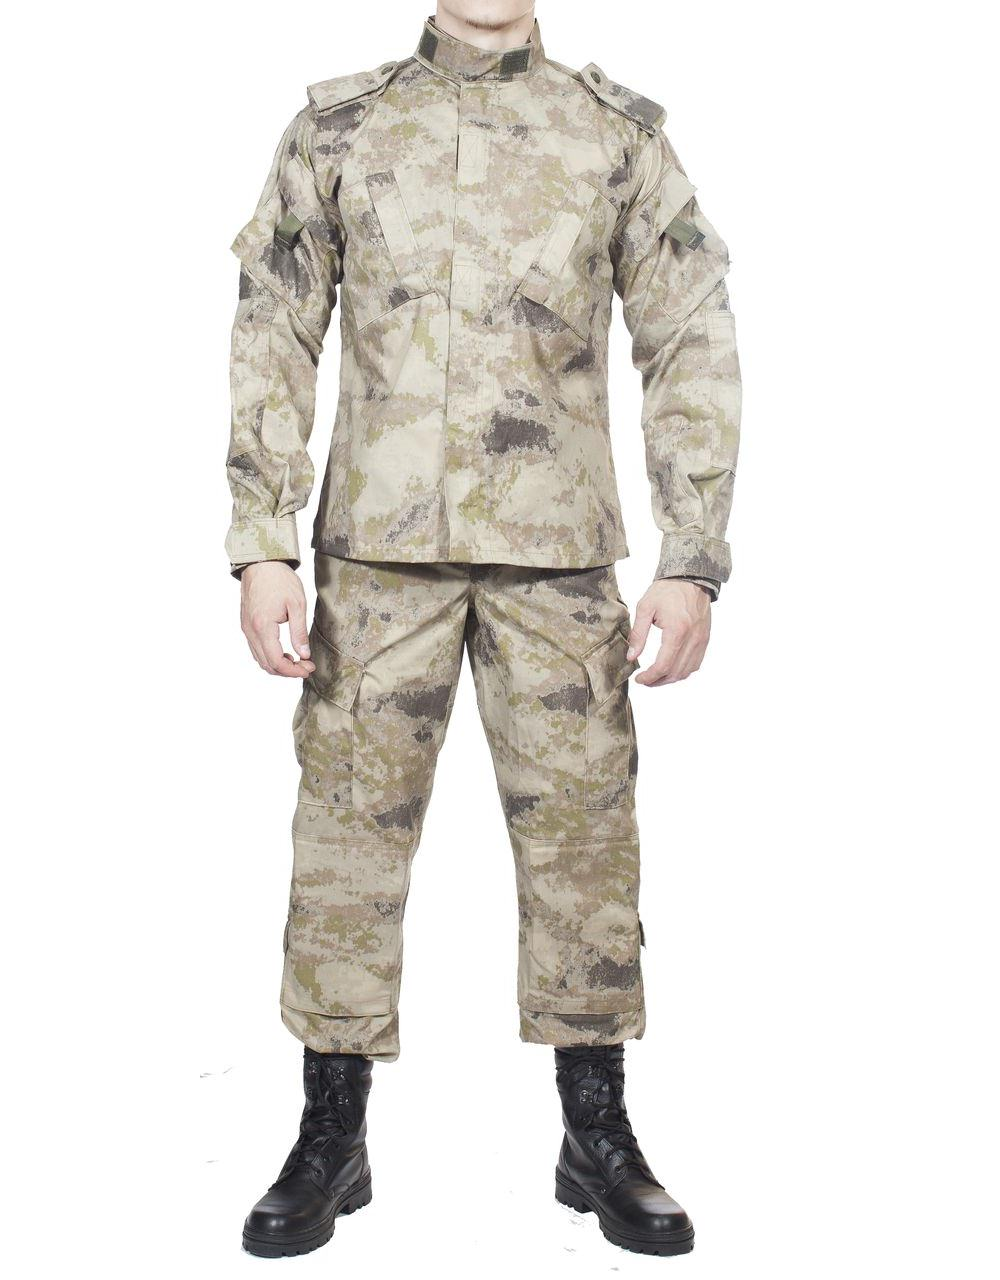 Костюм летний МПА-04 (НАТО-1) КМФ (мираж, песок), Костюмы неутепленные<br>Костюм состоит из куртки и брюк. В зоне <br>локтей и коленей имеются карманы для размещения <br>протекторов. Особенностями летнего тактического <br>костюма являются: максимальный комфорт, <br>свобода движений и повышенная износостойкость. <br>ХАРАКТЕРИСТИКИ ДЛЯ ИНТЕНСИВНЫХ НАГРУЗОК <br>ИДЕАЛЬНАЯ МАСКИРОВКА ДЛЯ АКТИВНОГО ОТДЫХА <br>МАТЕРИАЛЫ 65% П/Э, 35% Х/Б<br><br>Пол: мужской<br>Размер: 56<br>Рост: 170<br>Сезон: лето<br>Цвет: песок (фотокамуфляж)<br>Материал: текстиль